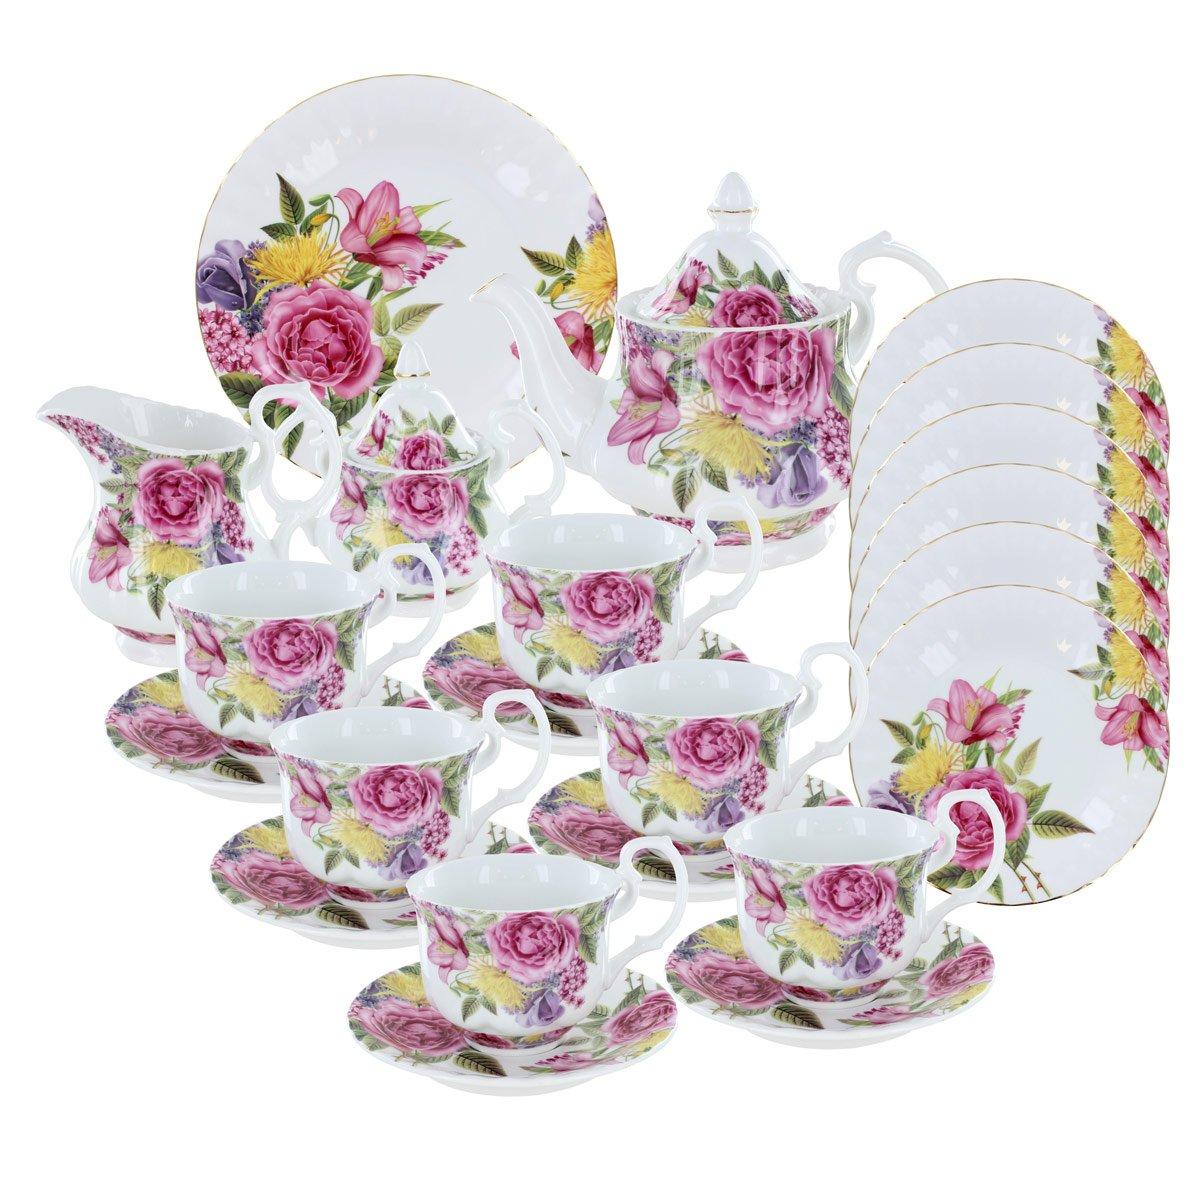 Floral Pageant Deluxe Porcelain Tea Set